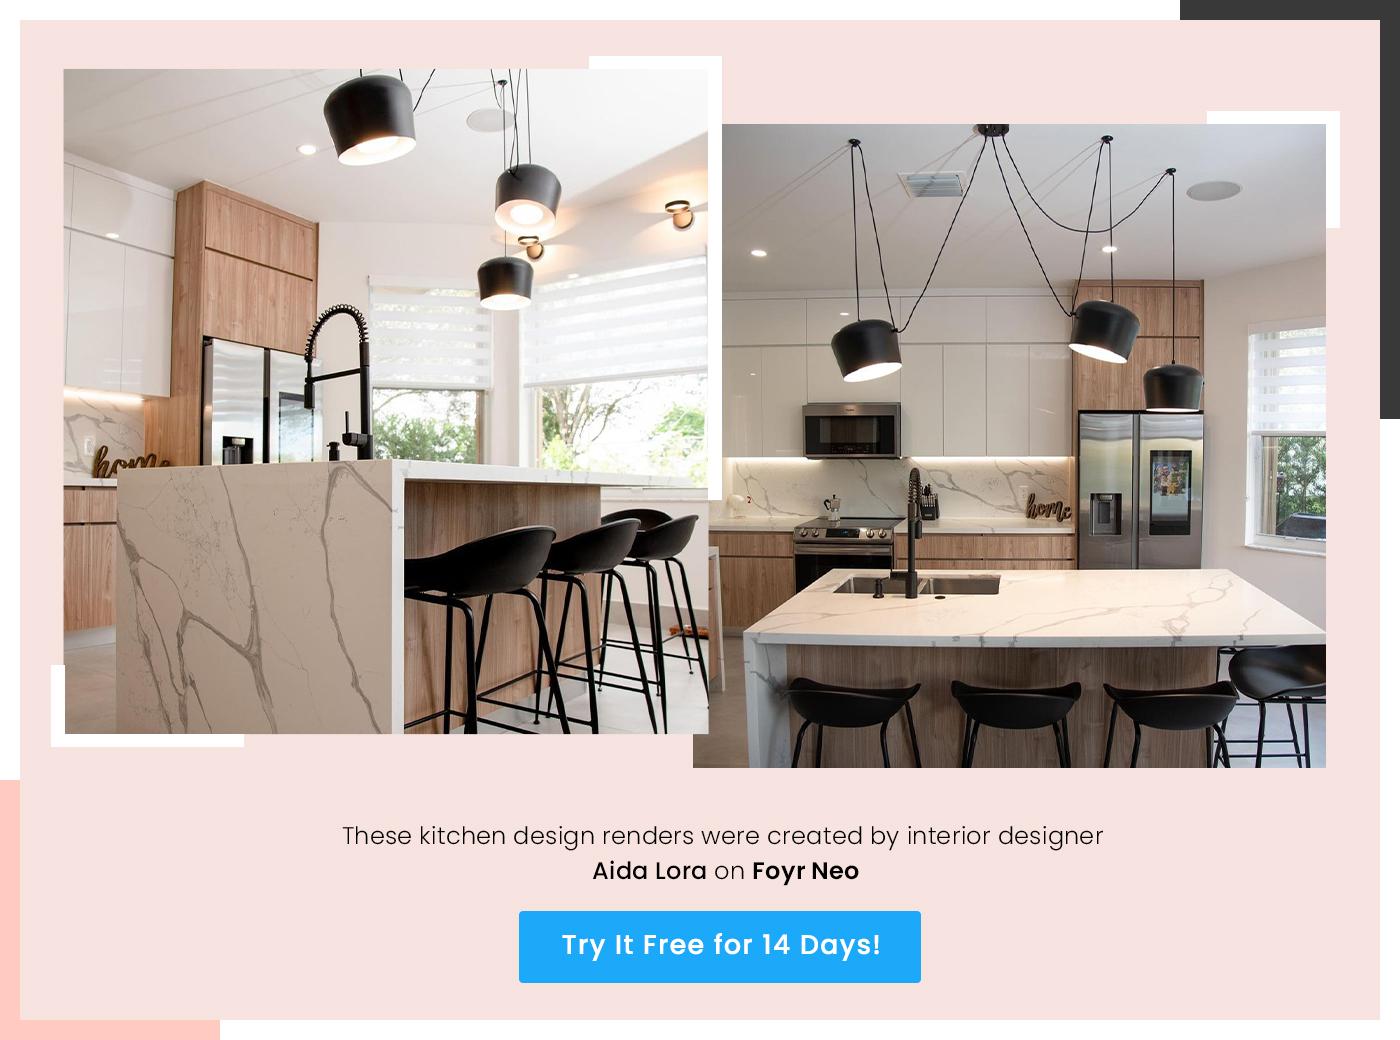 kitchen design render by aida lora